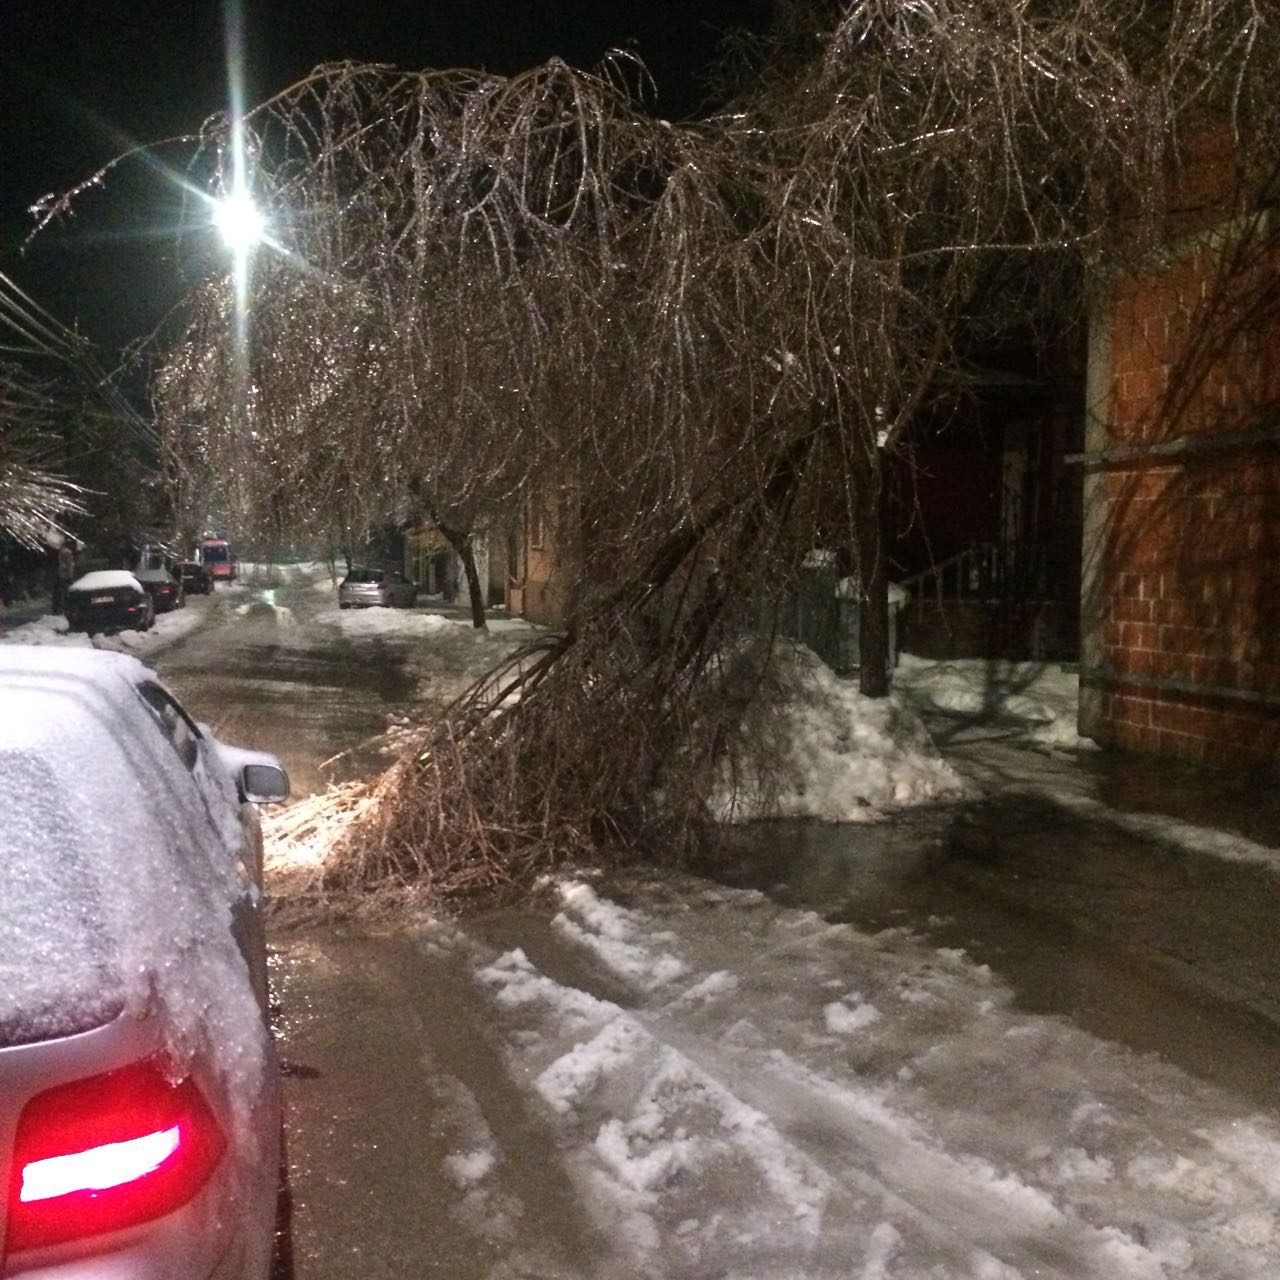 Puklo drvo u Hadžićevoj ulici, foto: I.T. Svrljiške novine